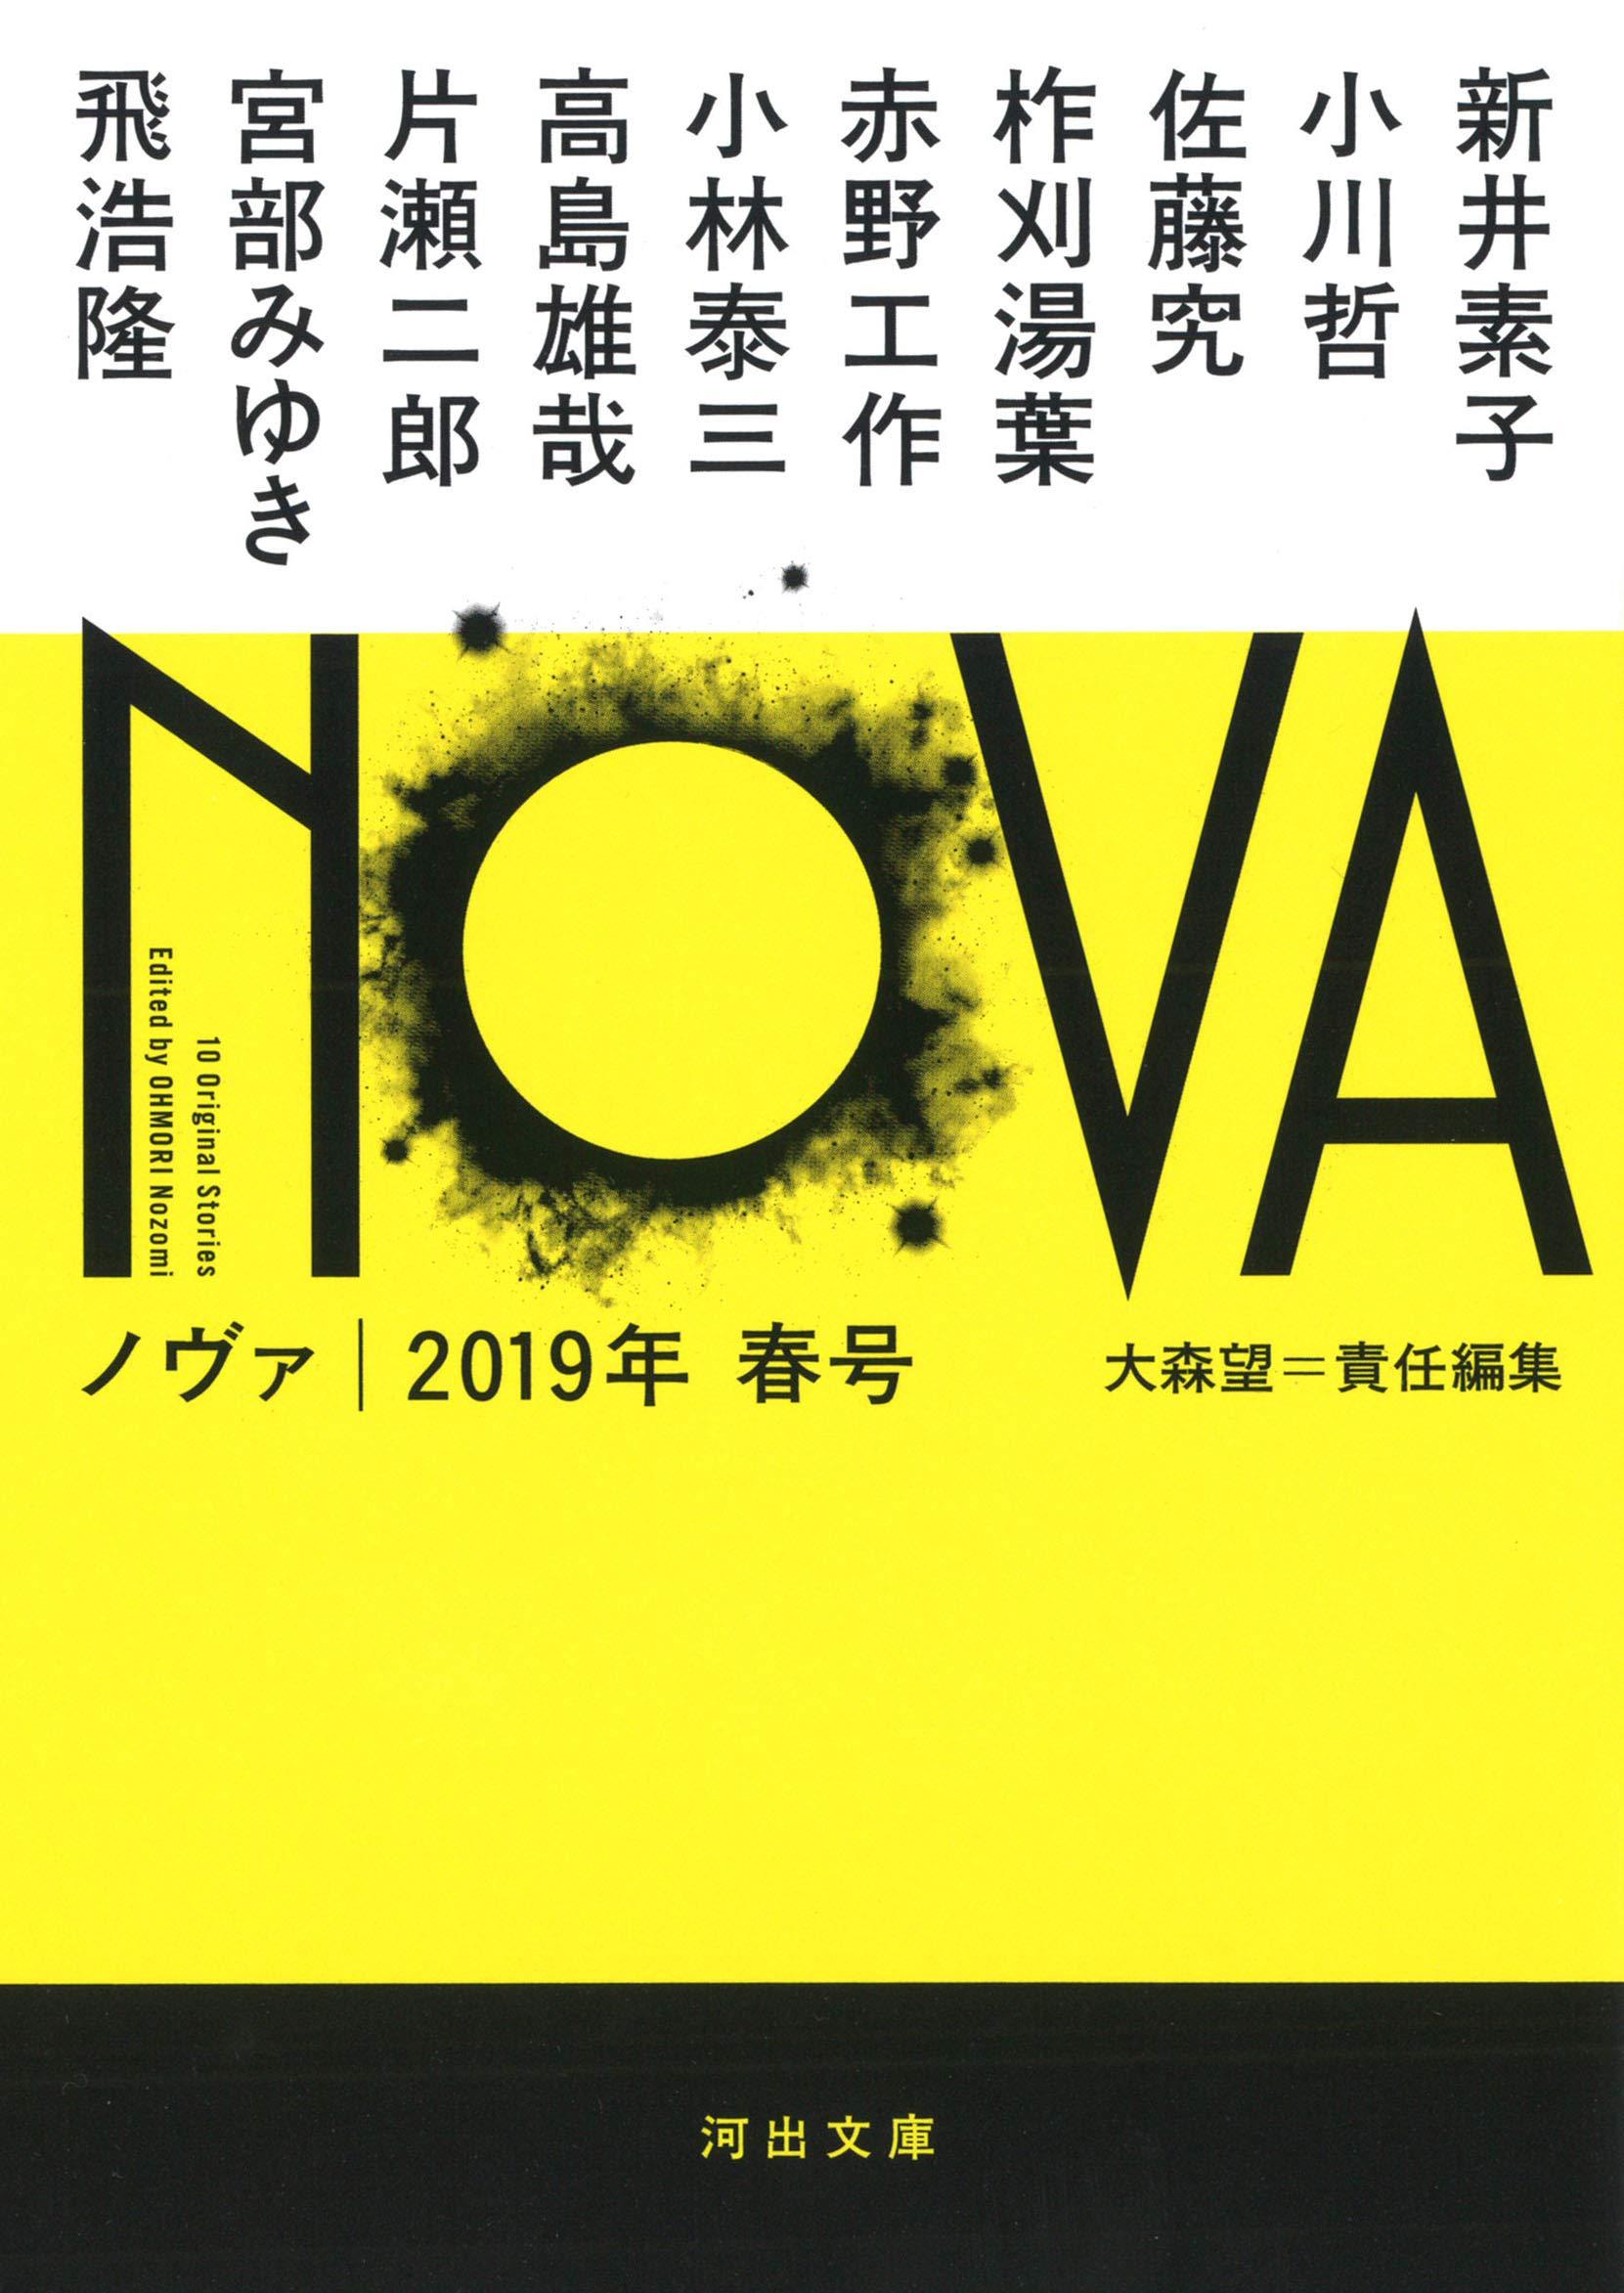 大森望責任編集『NOVA 2019年春号』(河出書房新社)